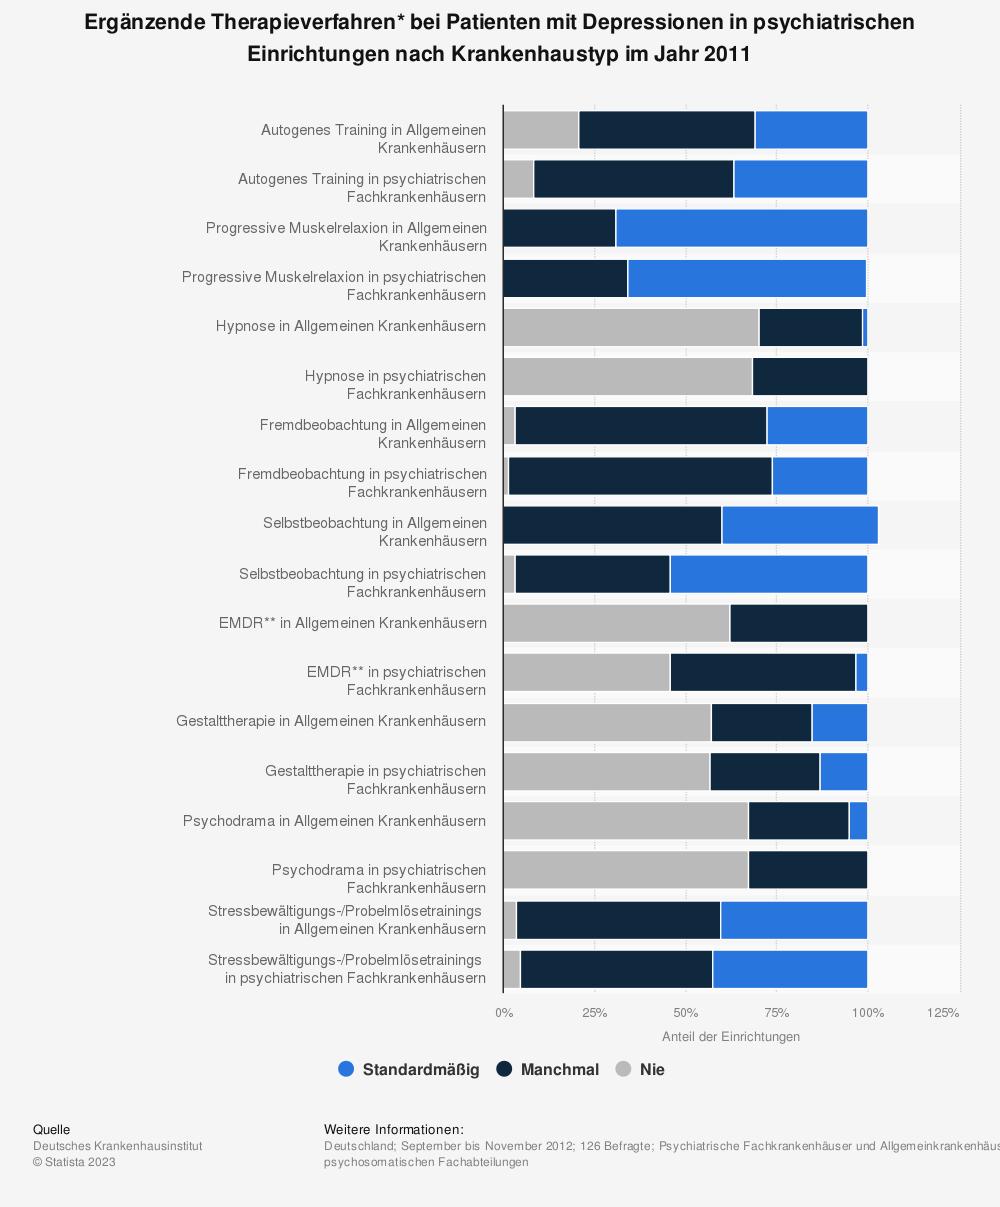 Statistik: Ergänzende Therapieverfahren* bei Patienten mit Depressionen in psychiatrischen Einrichtungen nach Krankenhaustyp im Jahr 2011 | Statista